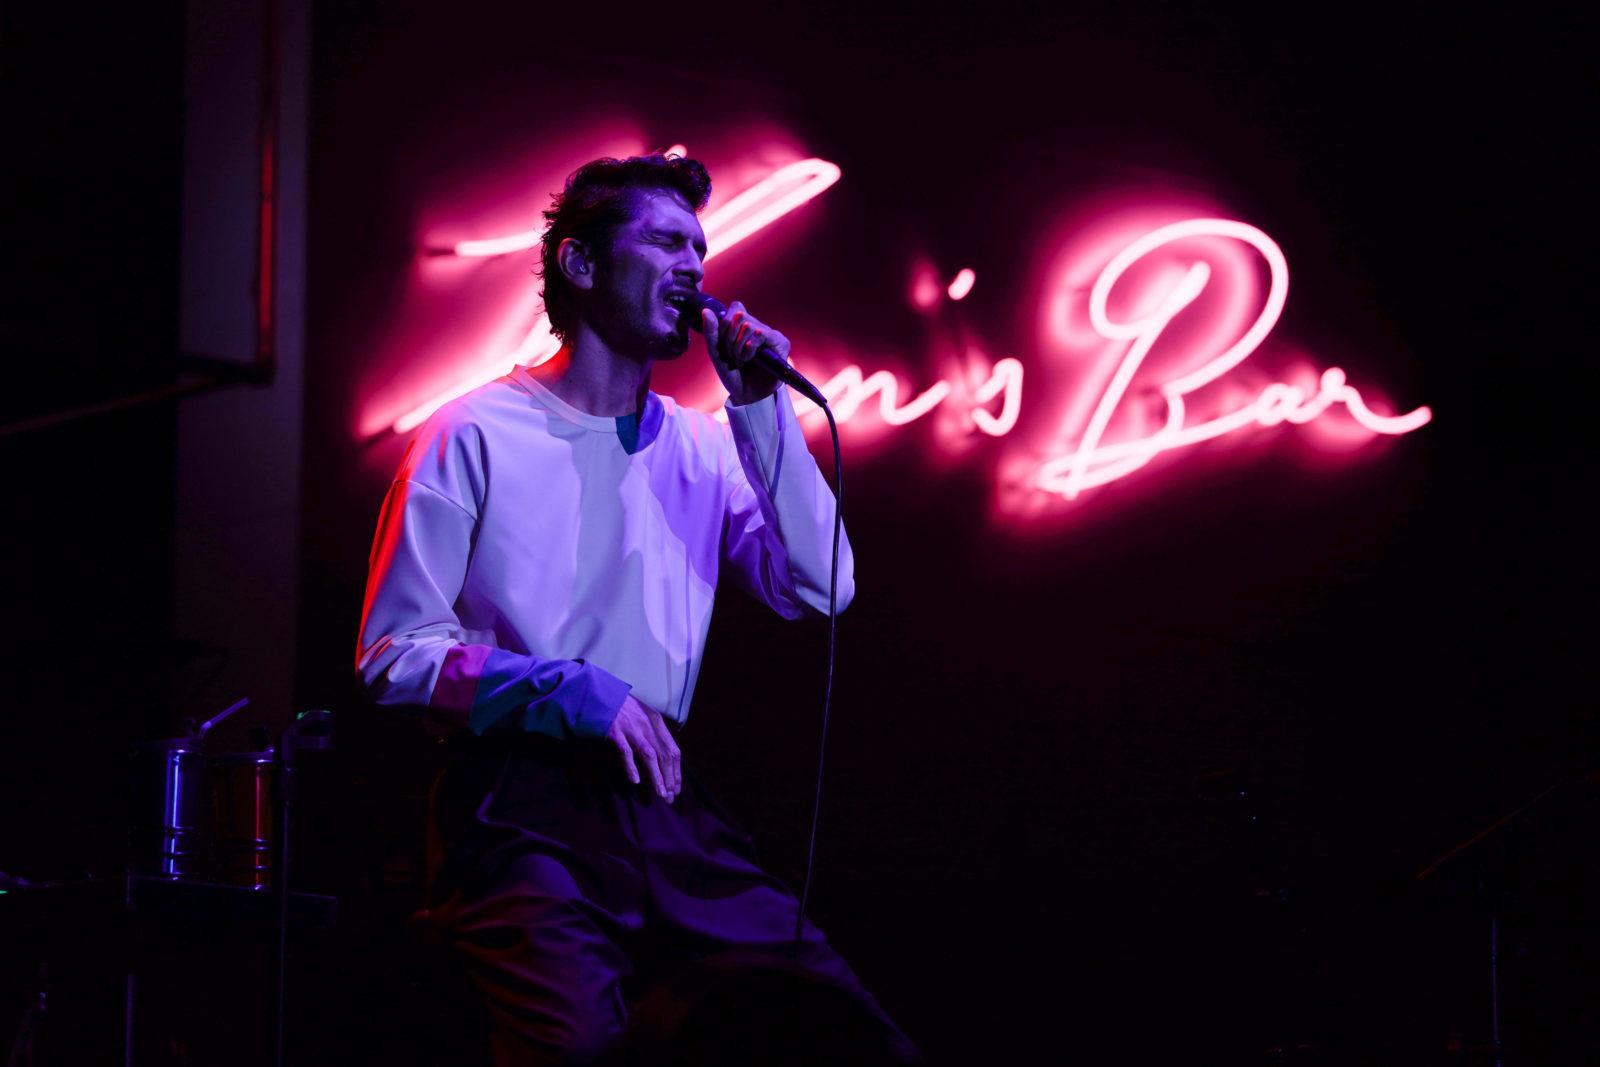 20周年を迎えた平井堅「Ken's Bar」ライブダイジェスト映像をWOWOW番組サイトで公開サムネイル画像!